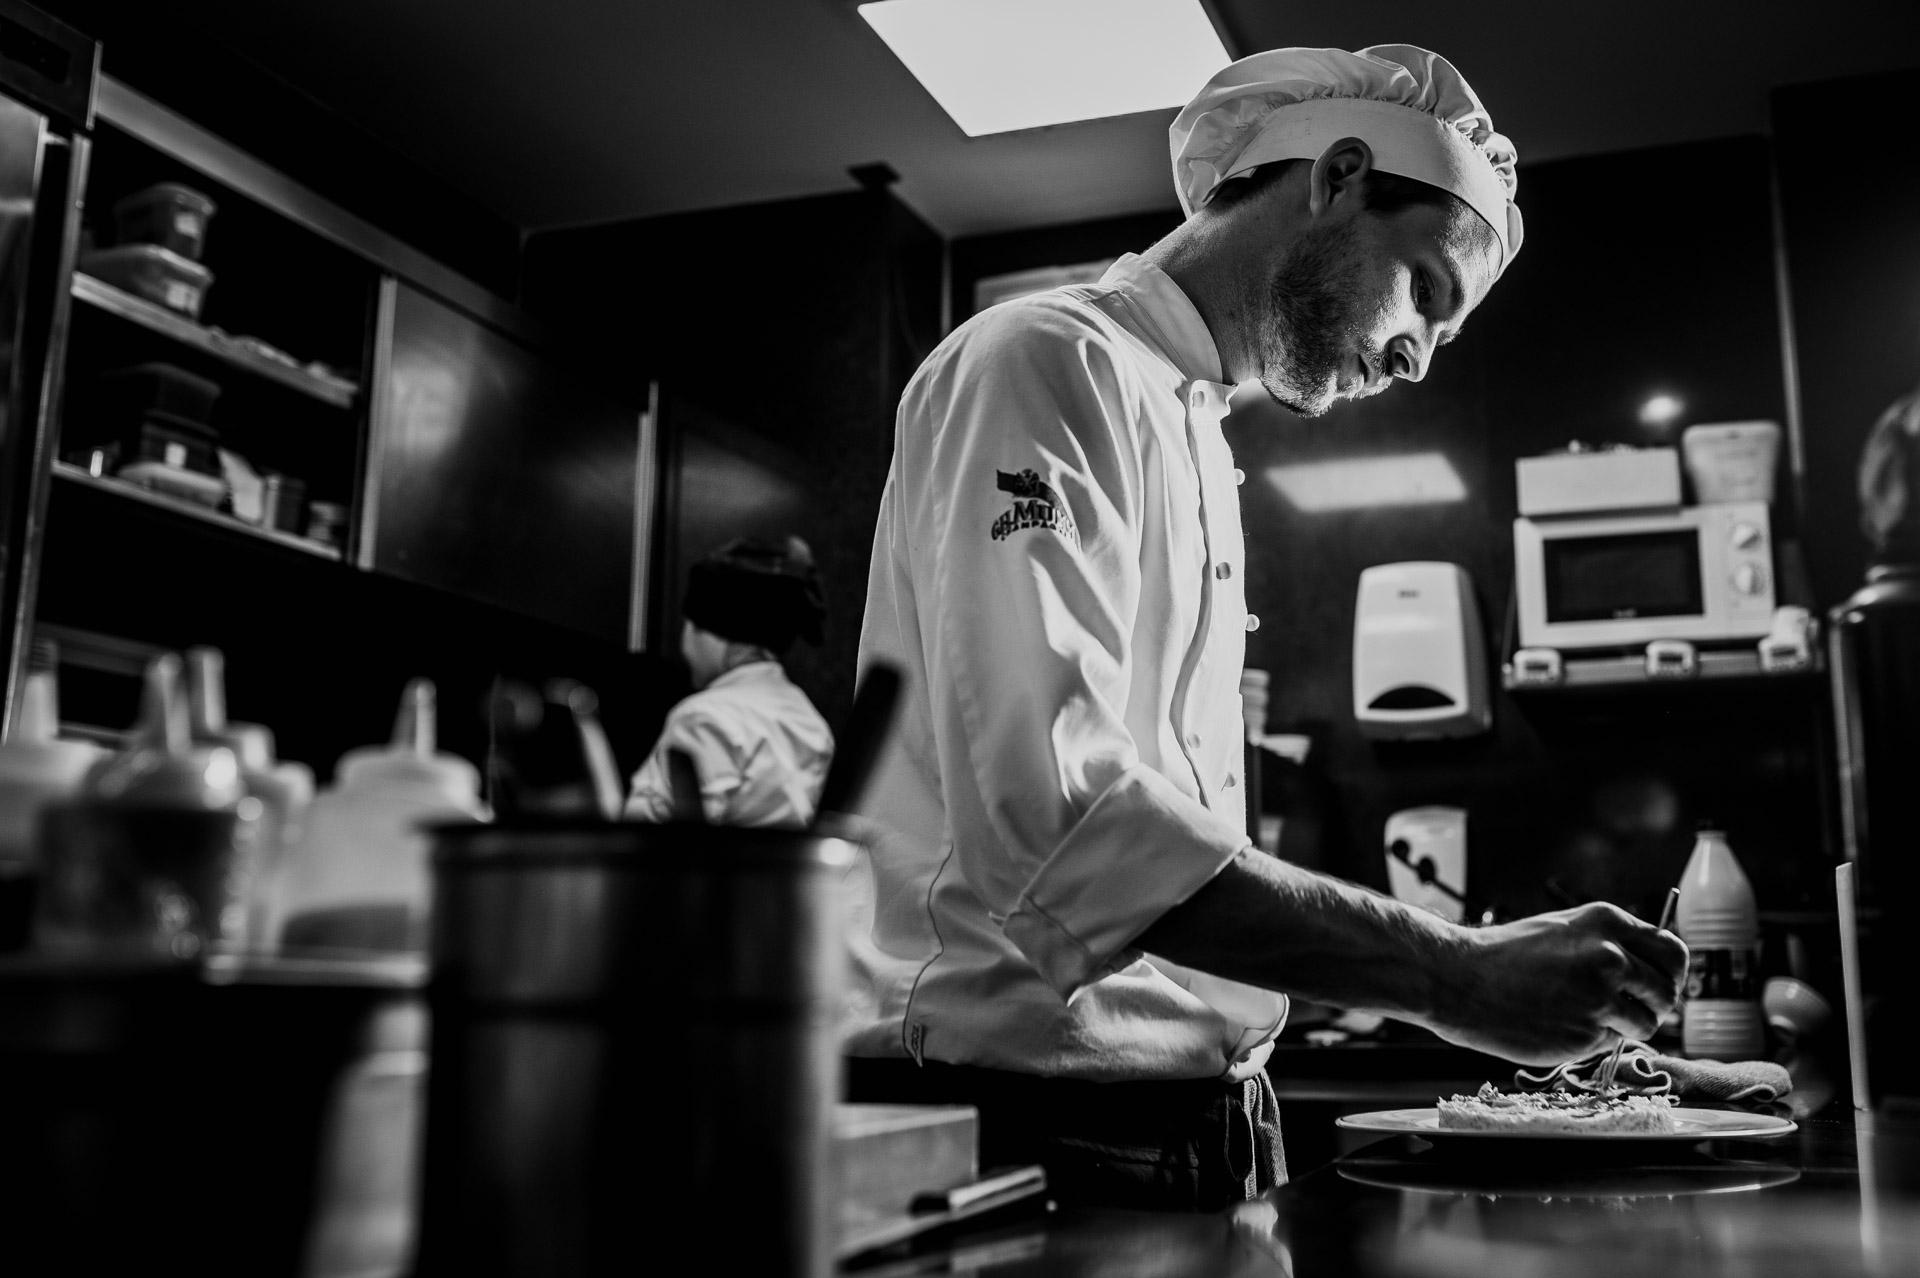 Cocinero cocinando, Fotógrafo gastronómico, fotógrafo tatel madrid, fotógrafo hostelería, fotógrafo profesional madrid, fotógrafo lifestyle madrid